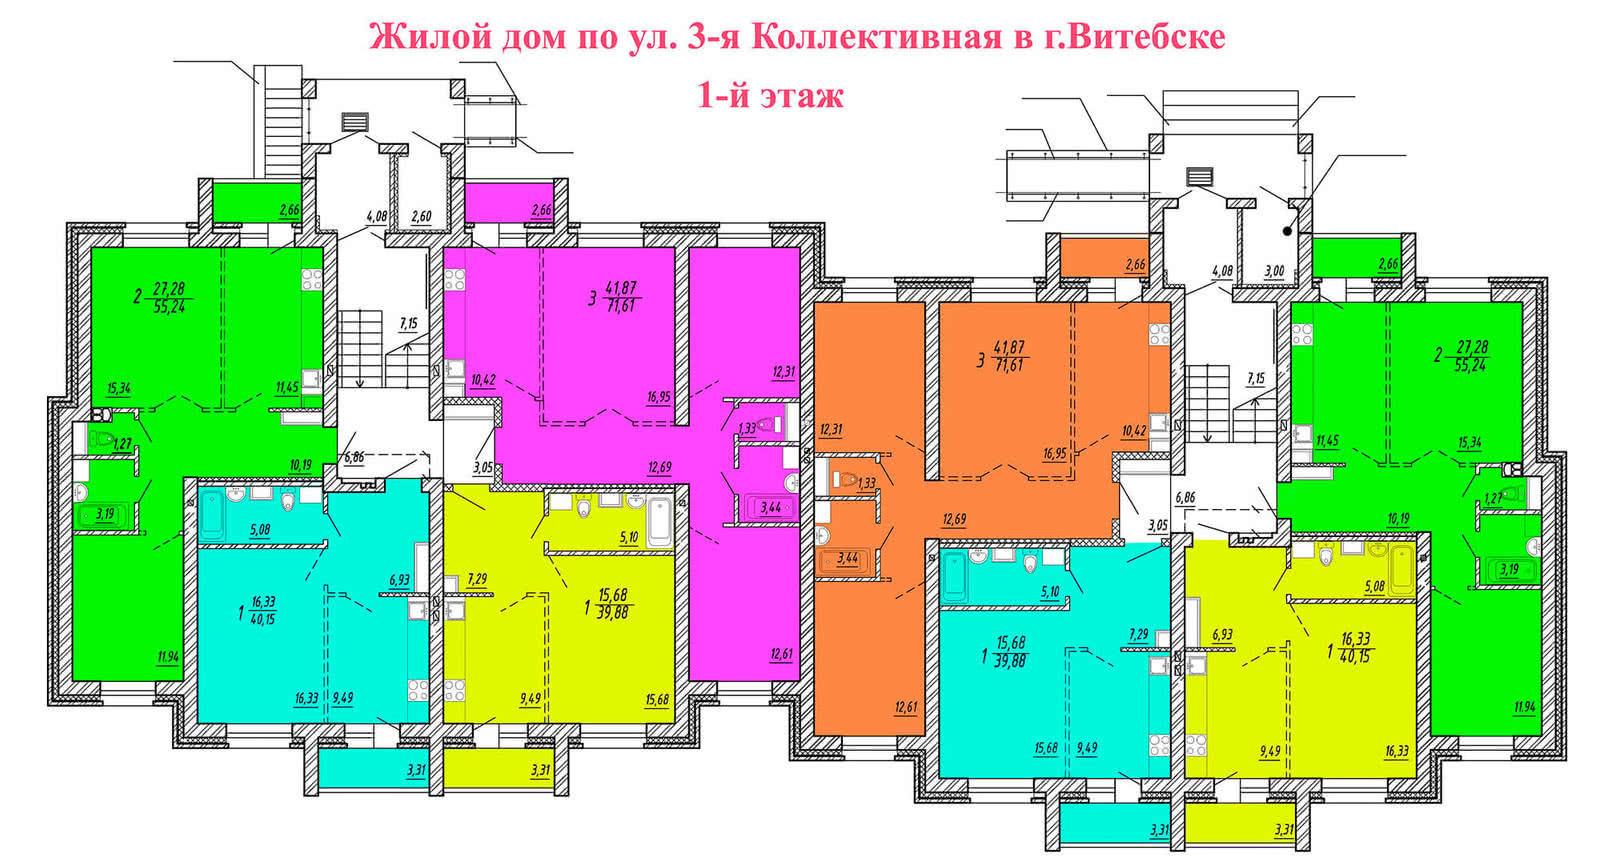 Дом по ул. 3-я Коллективная в г. Витебске - фото 3